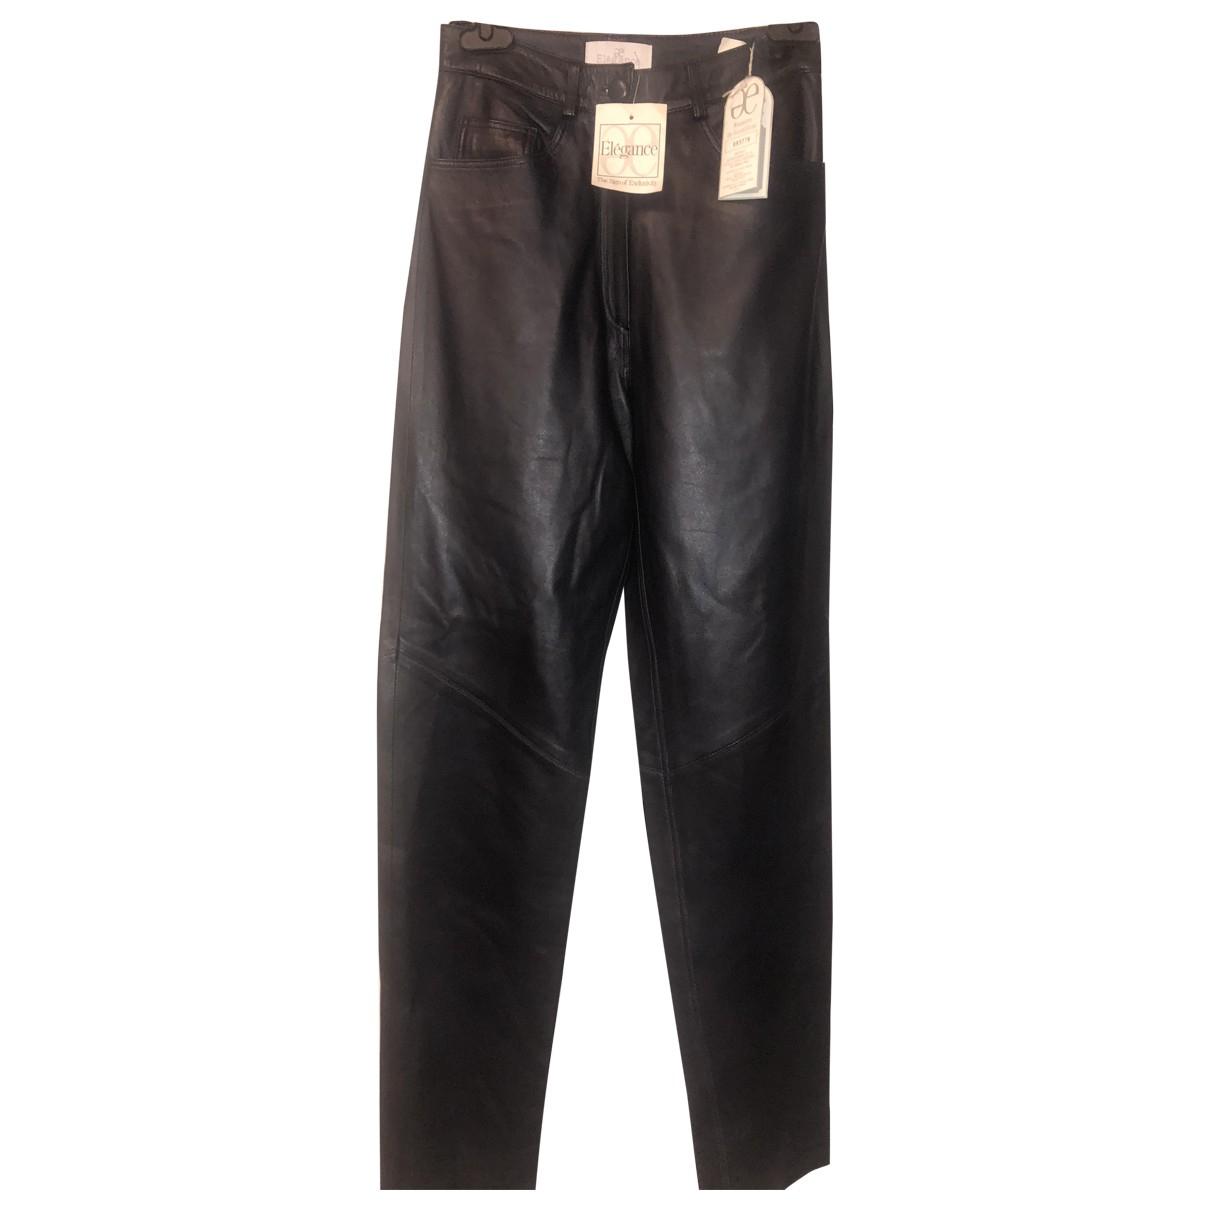 Pantalon largo de Cuero Elegance Paris